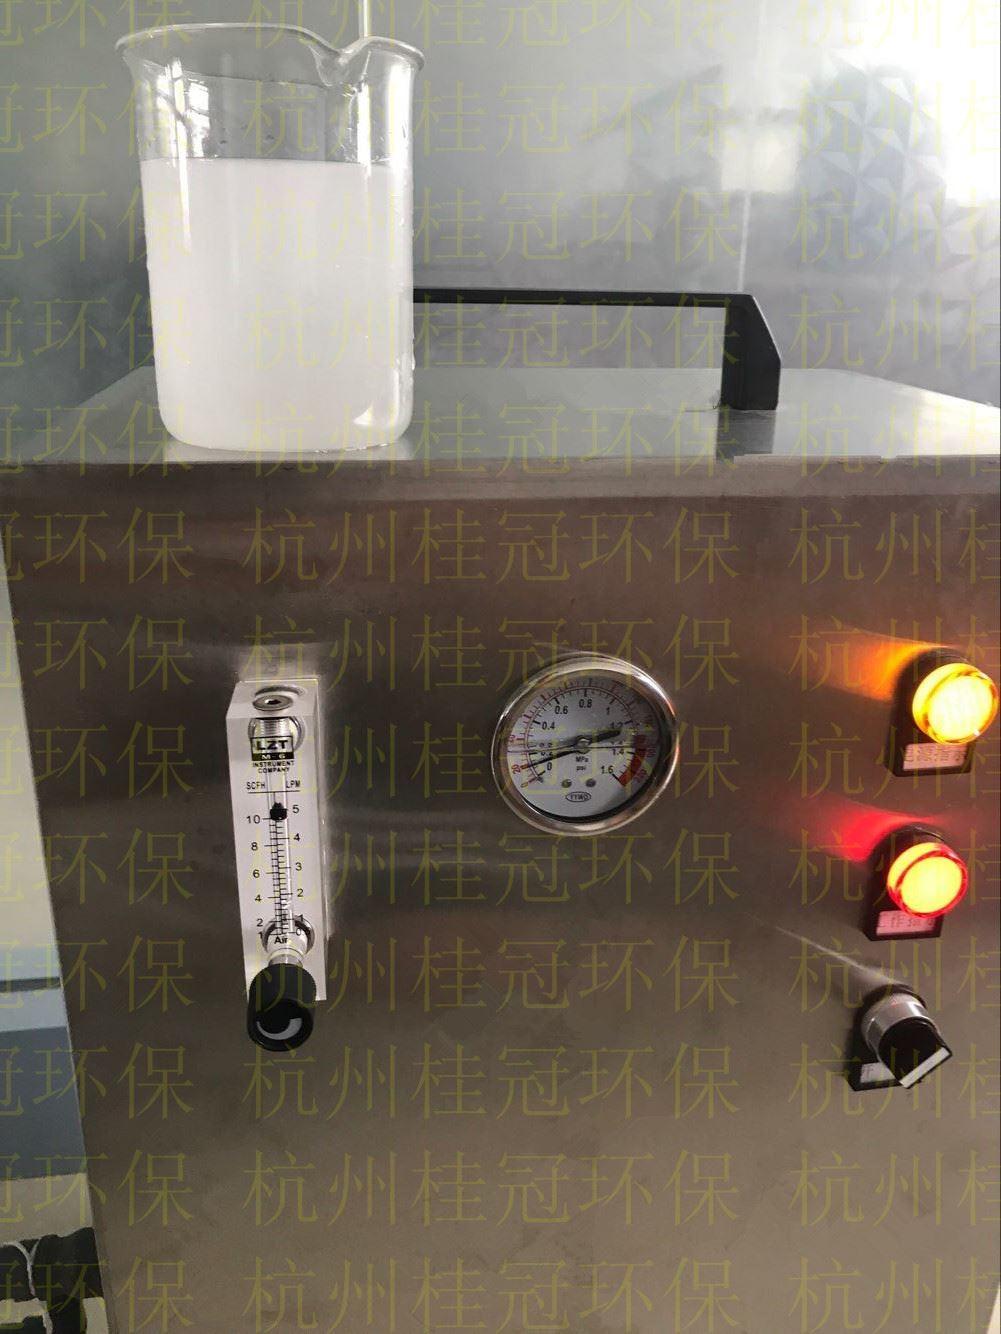 微纳米气泡发生装置-科研专用